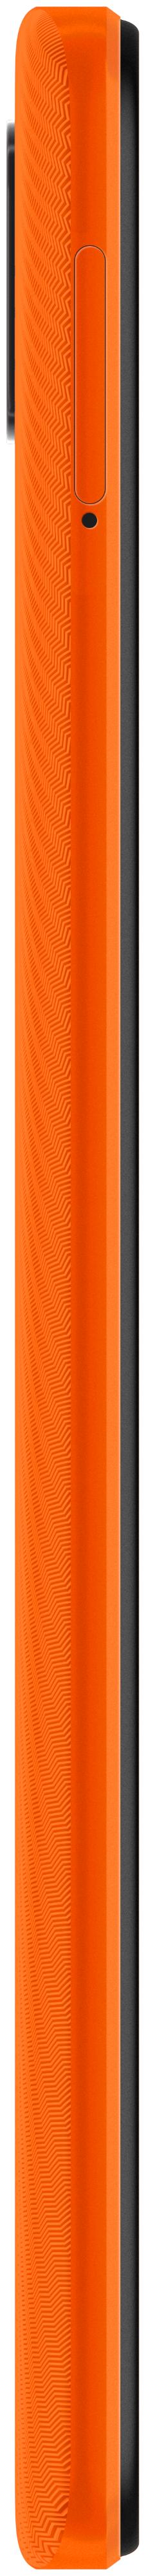 Xiaomi Redmi 9C 3/64GB (NFC) - SIM-карты: 2 (nano SIM)